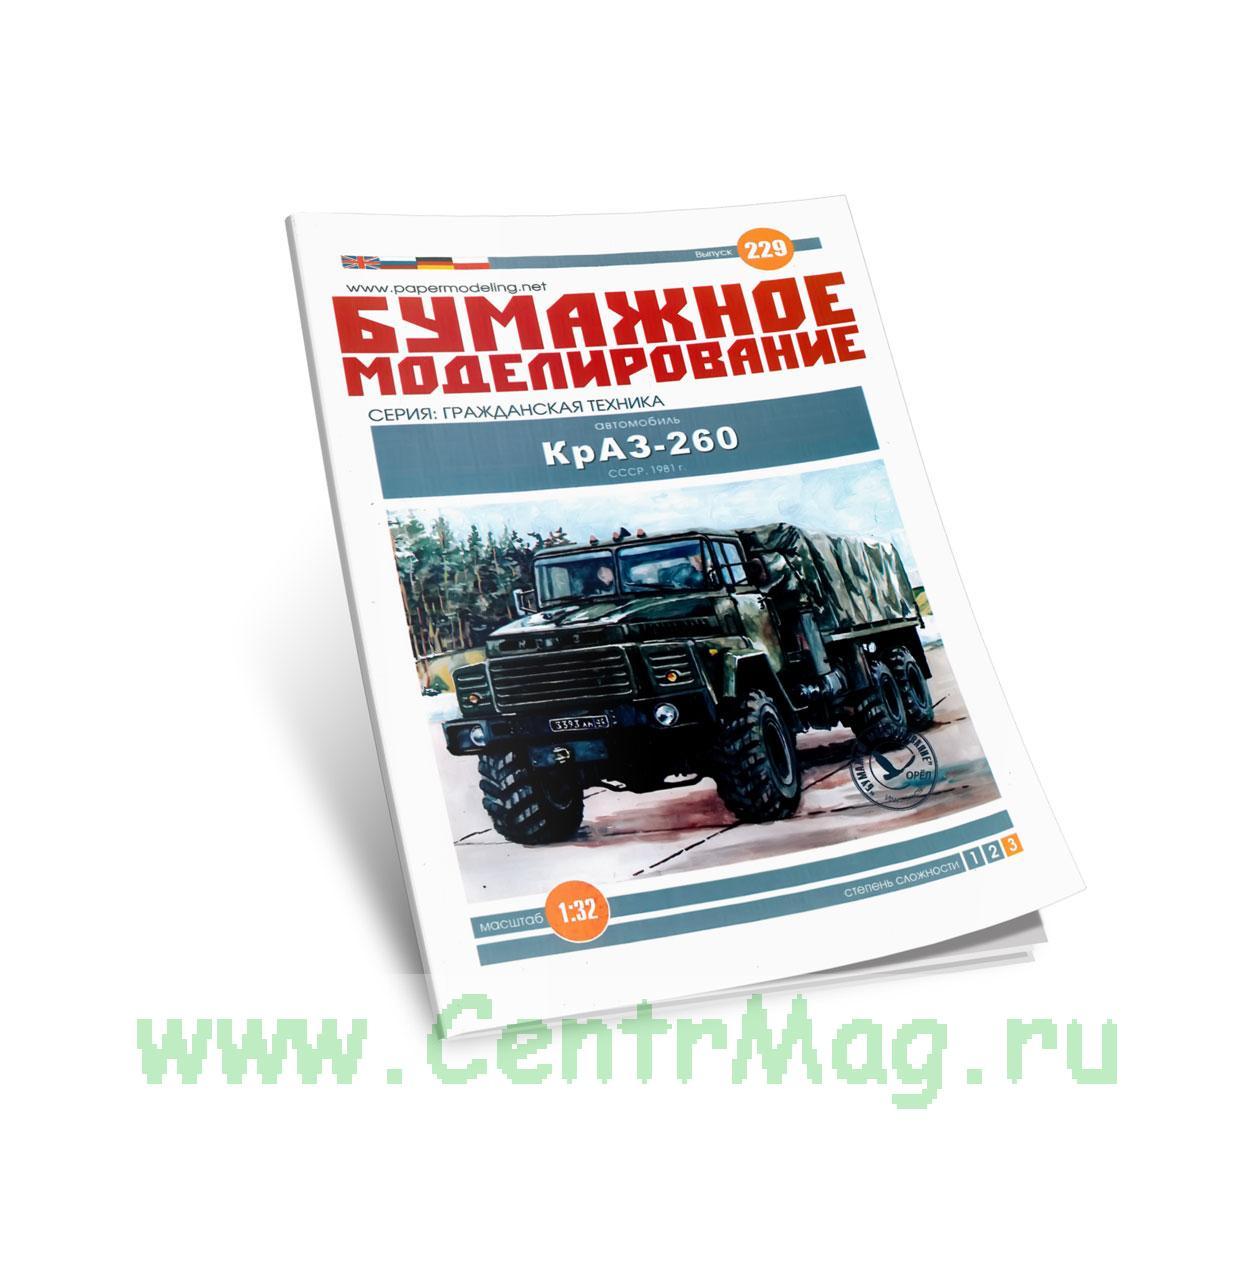 Автомобиль КрАЗ-260. СССР, 1981. Бумажное моделирование